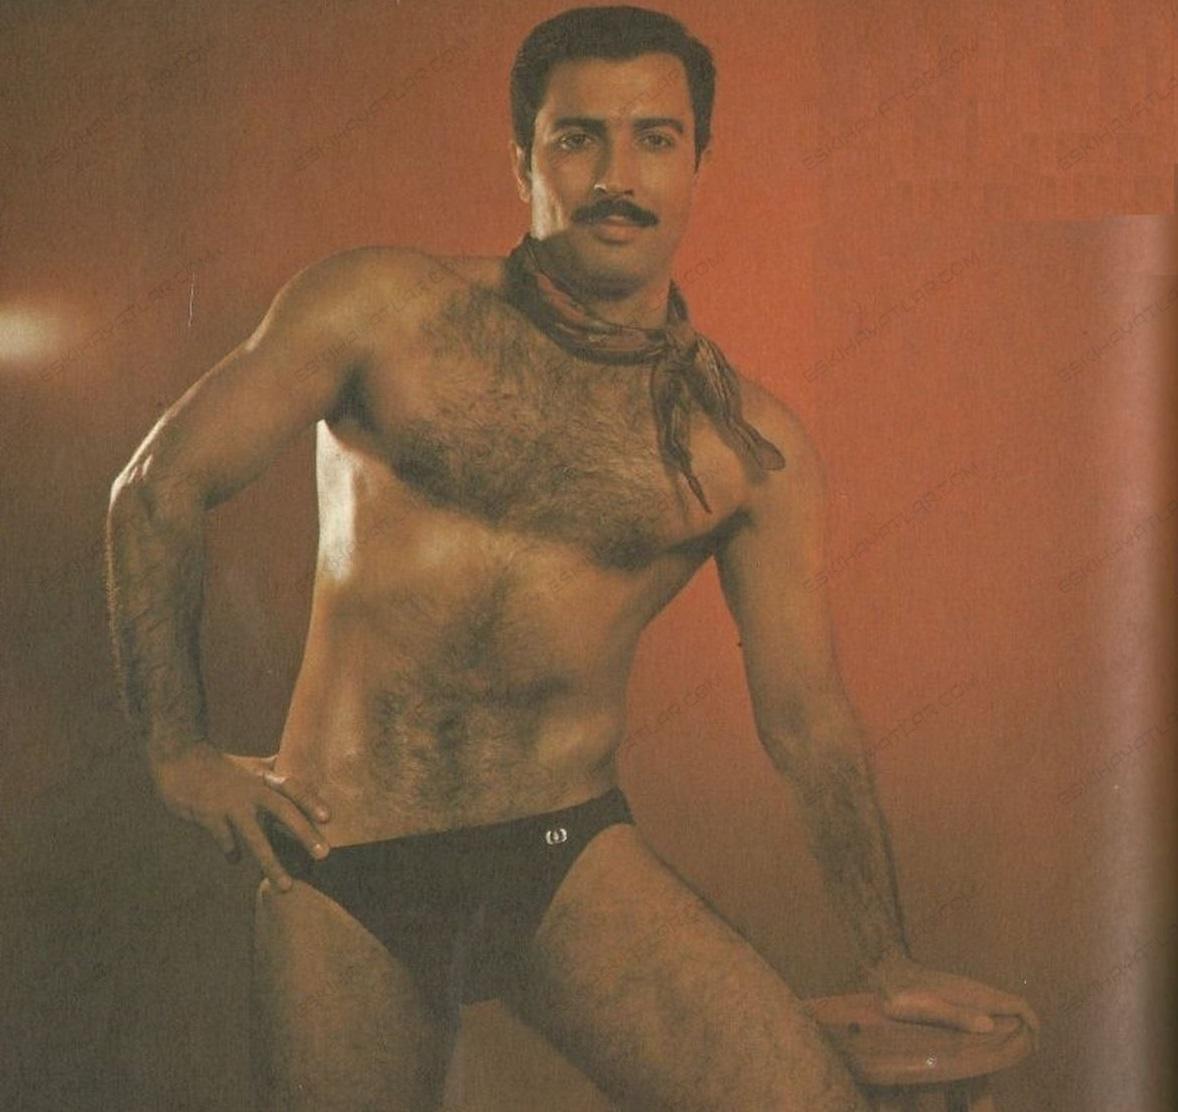 0388-bulut-aras-turk-sinemasinin-en-iyigi-fizigi-benim-1984-kadinca-dergisi (4)